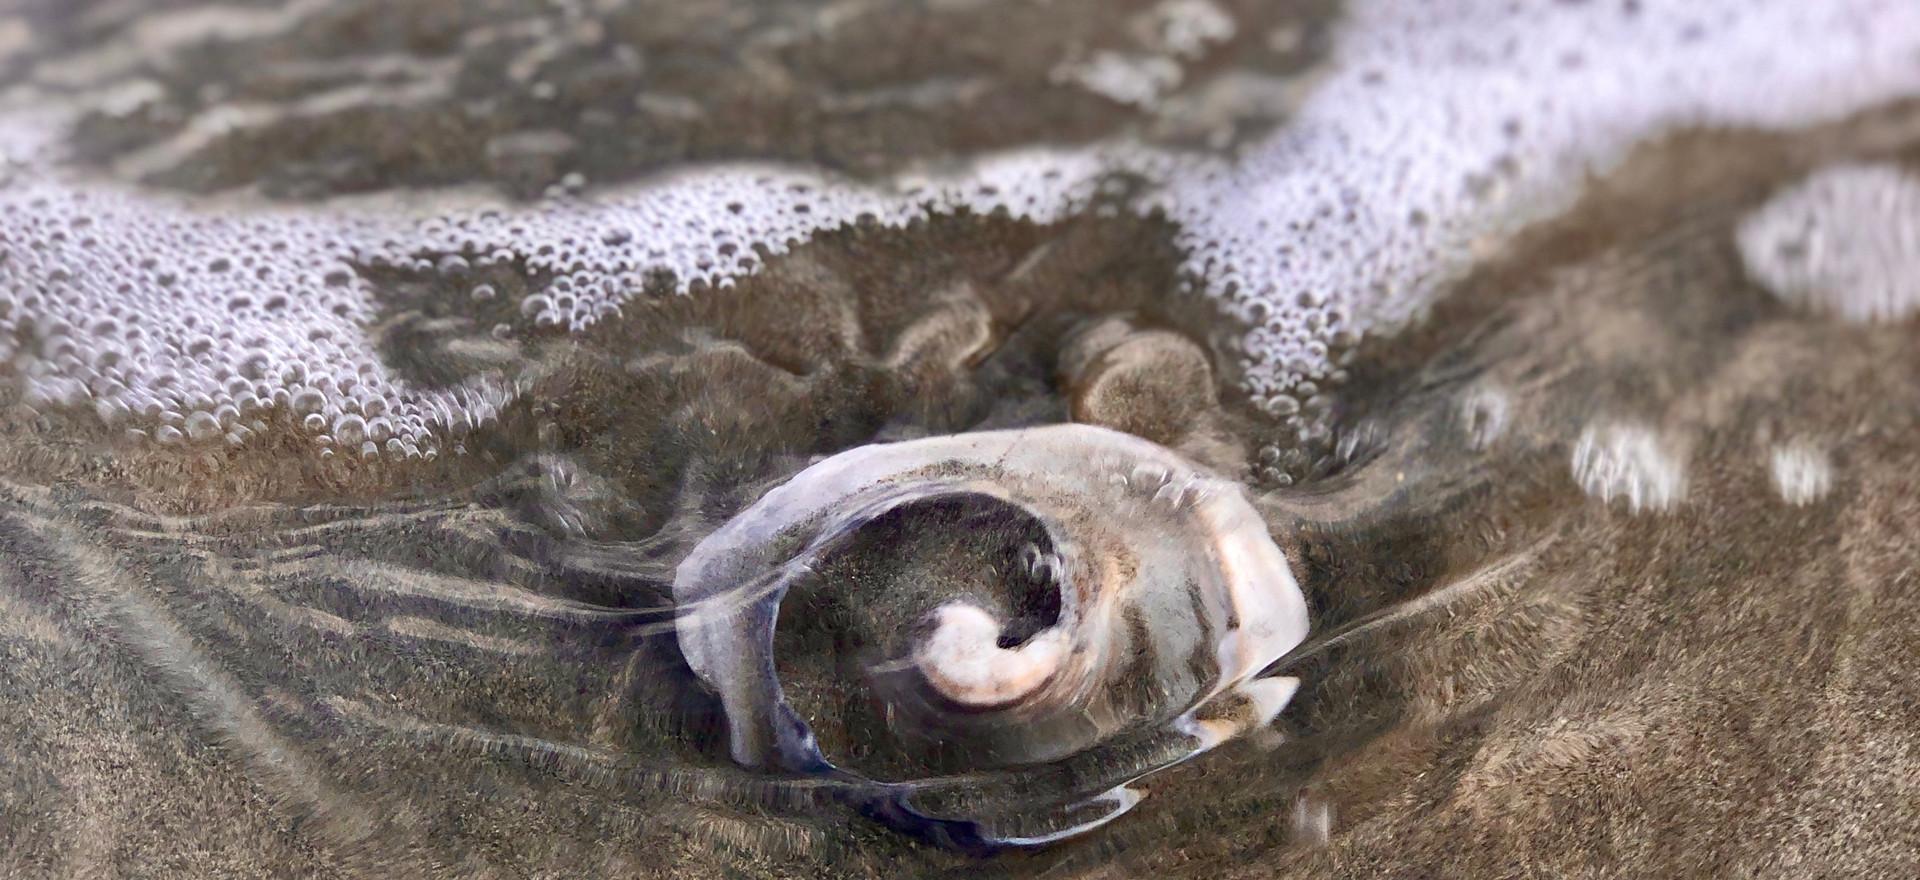 Spiral Shell on Beach